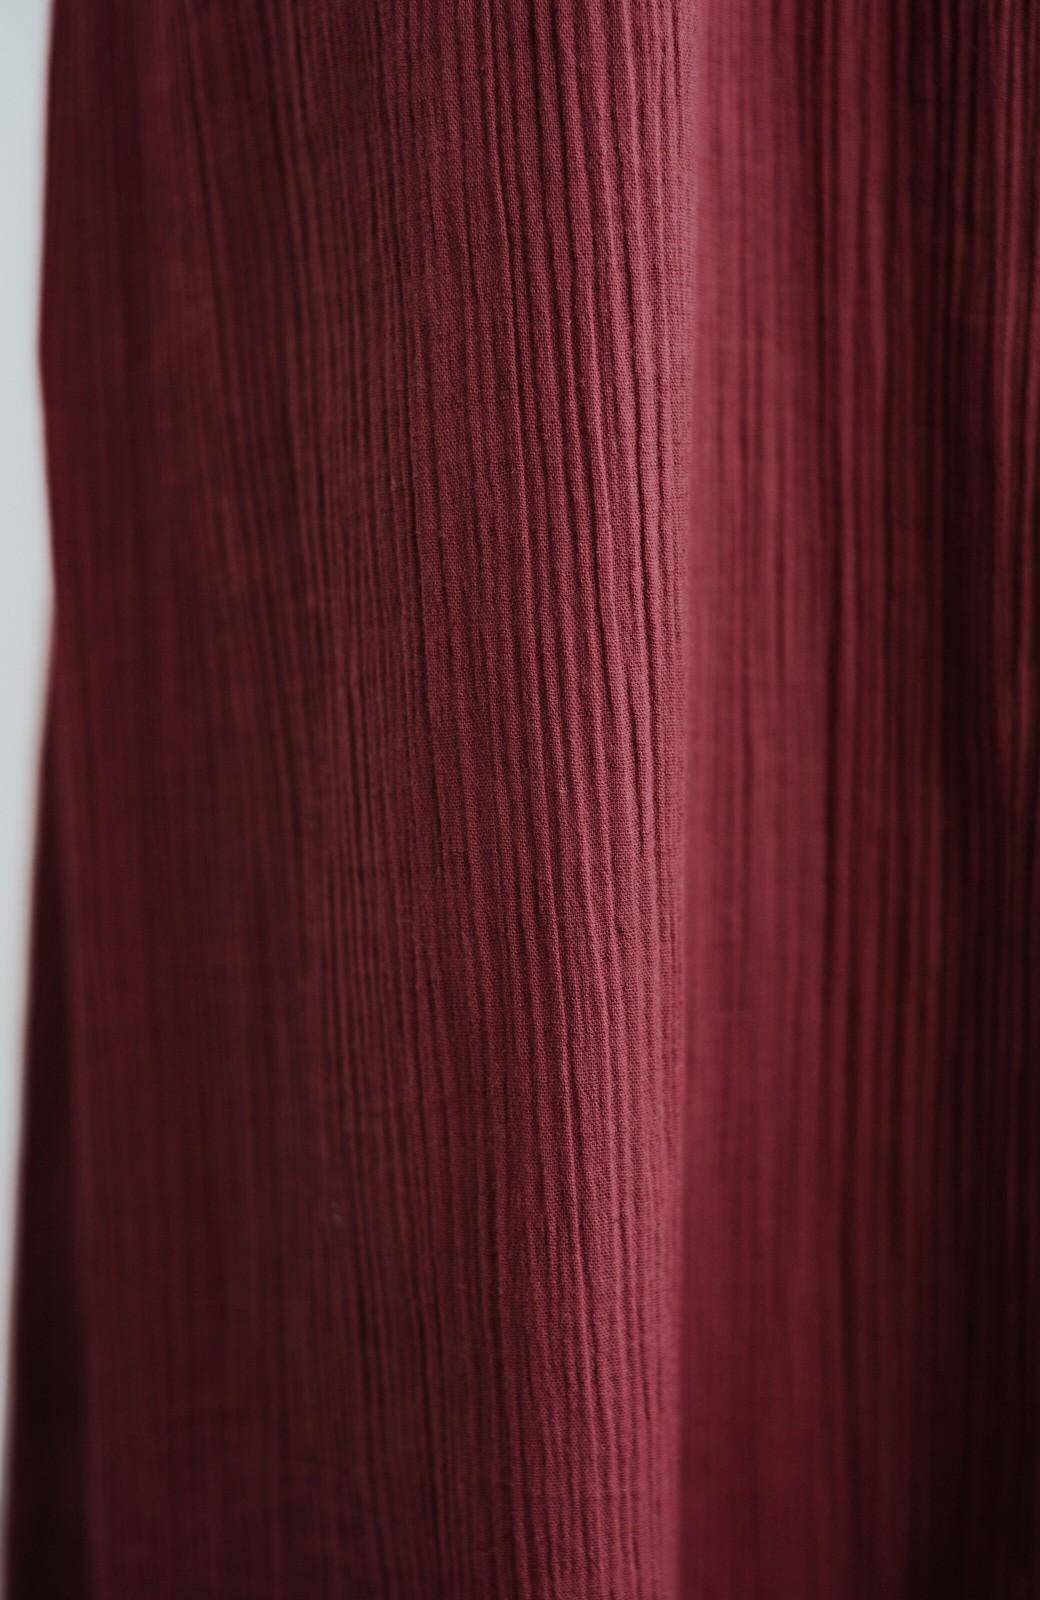 haco! バレずにとことん楽できる 羽織りとしても使える軽やかシャツワンピース <レッド>の商品写真4